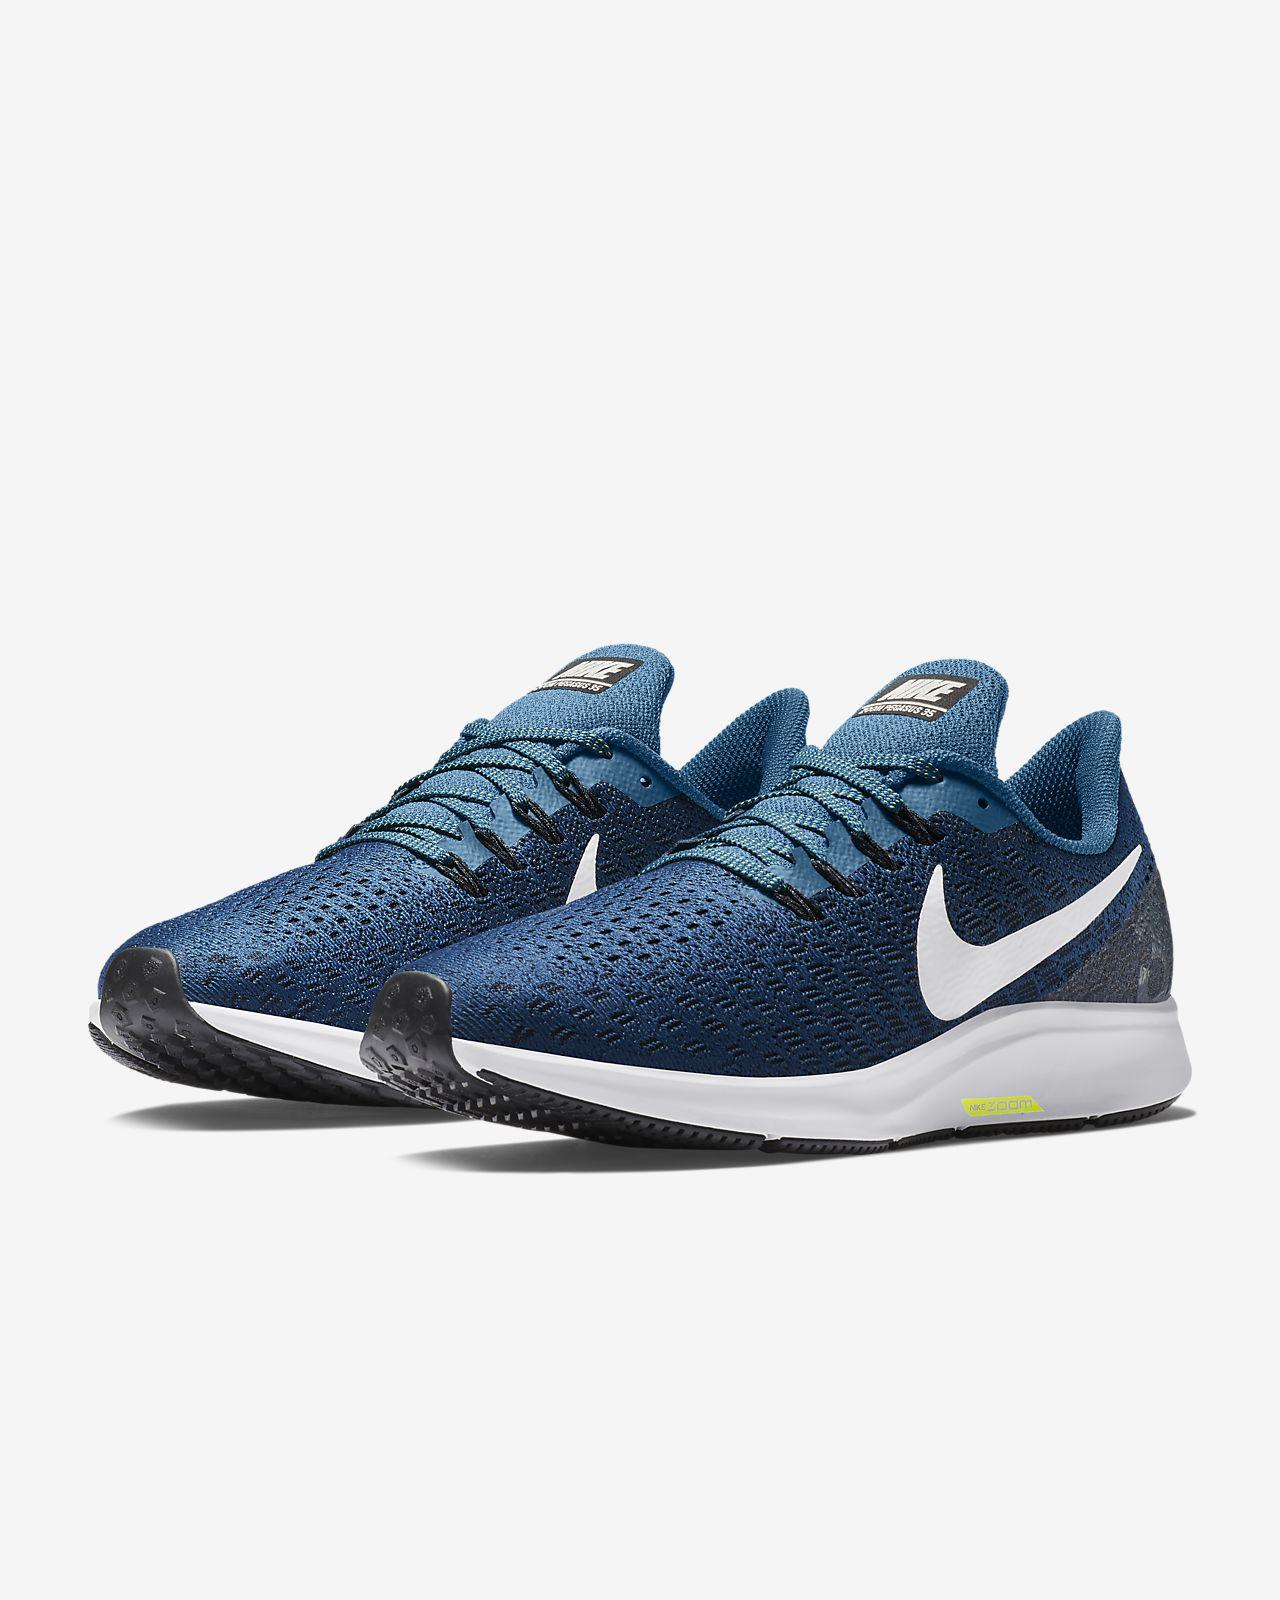 652de9eb0c134 Nike Air Zoom Pegasus 35 Men s Running Shoe. Nike.com DK